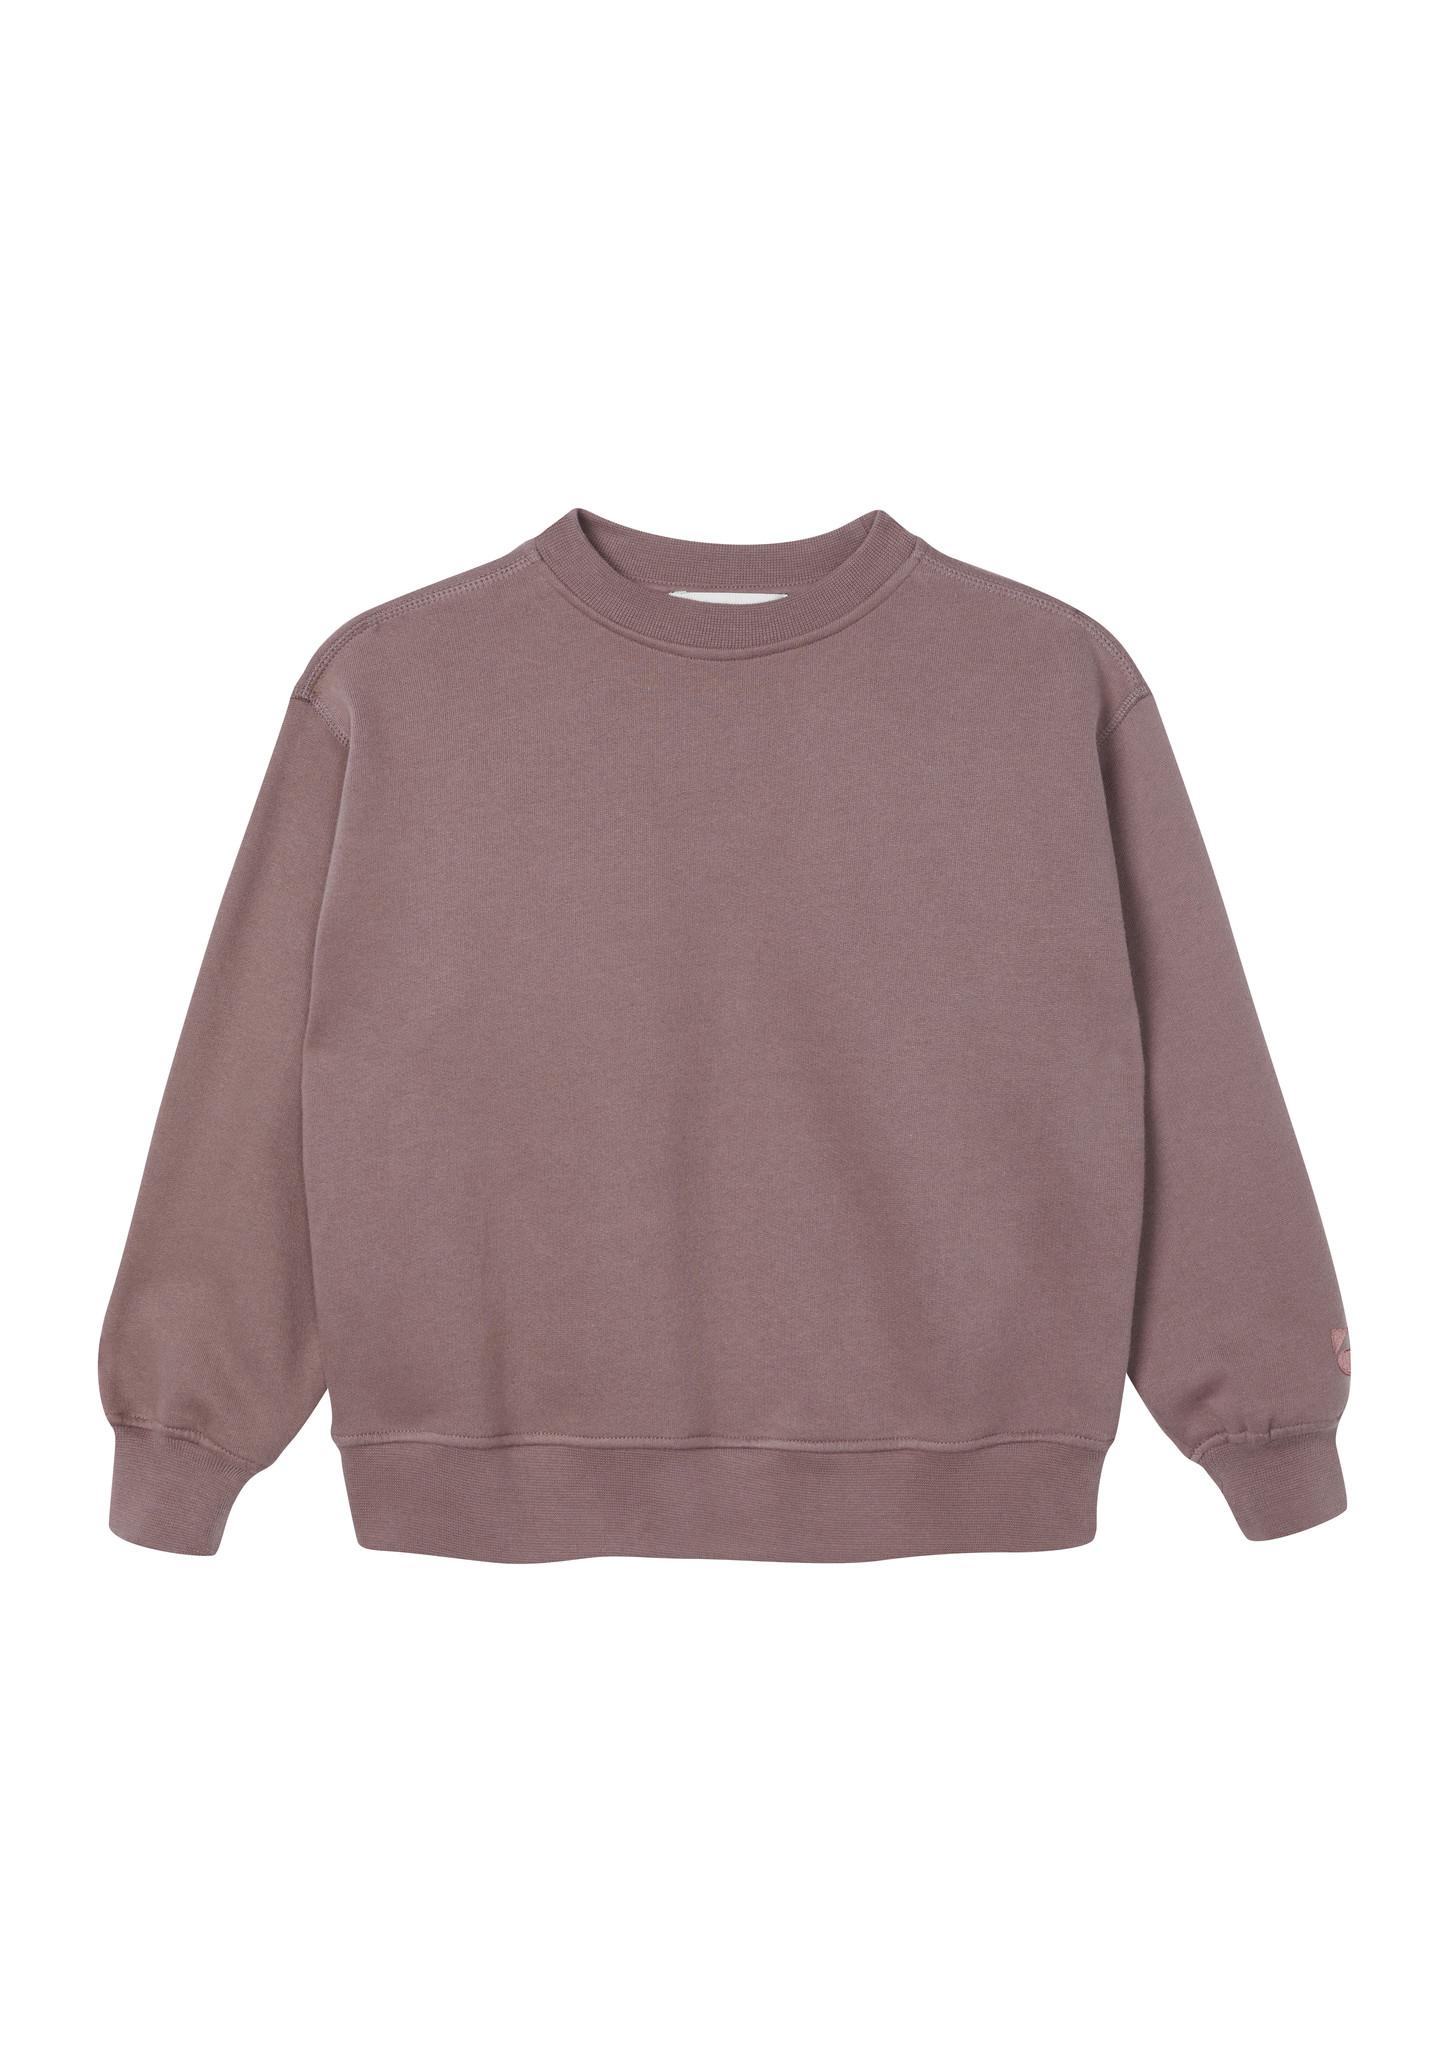 Oversized Sweatshirt - Rose Taupe-1